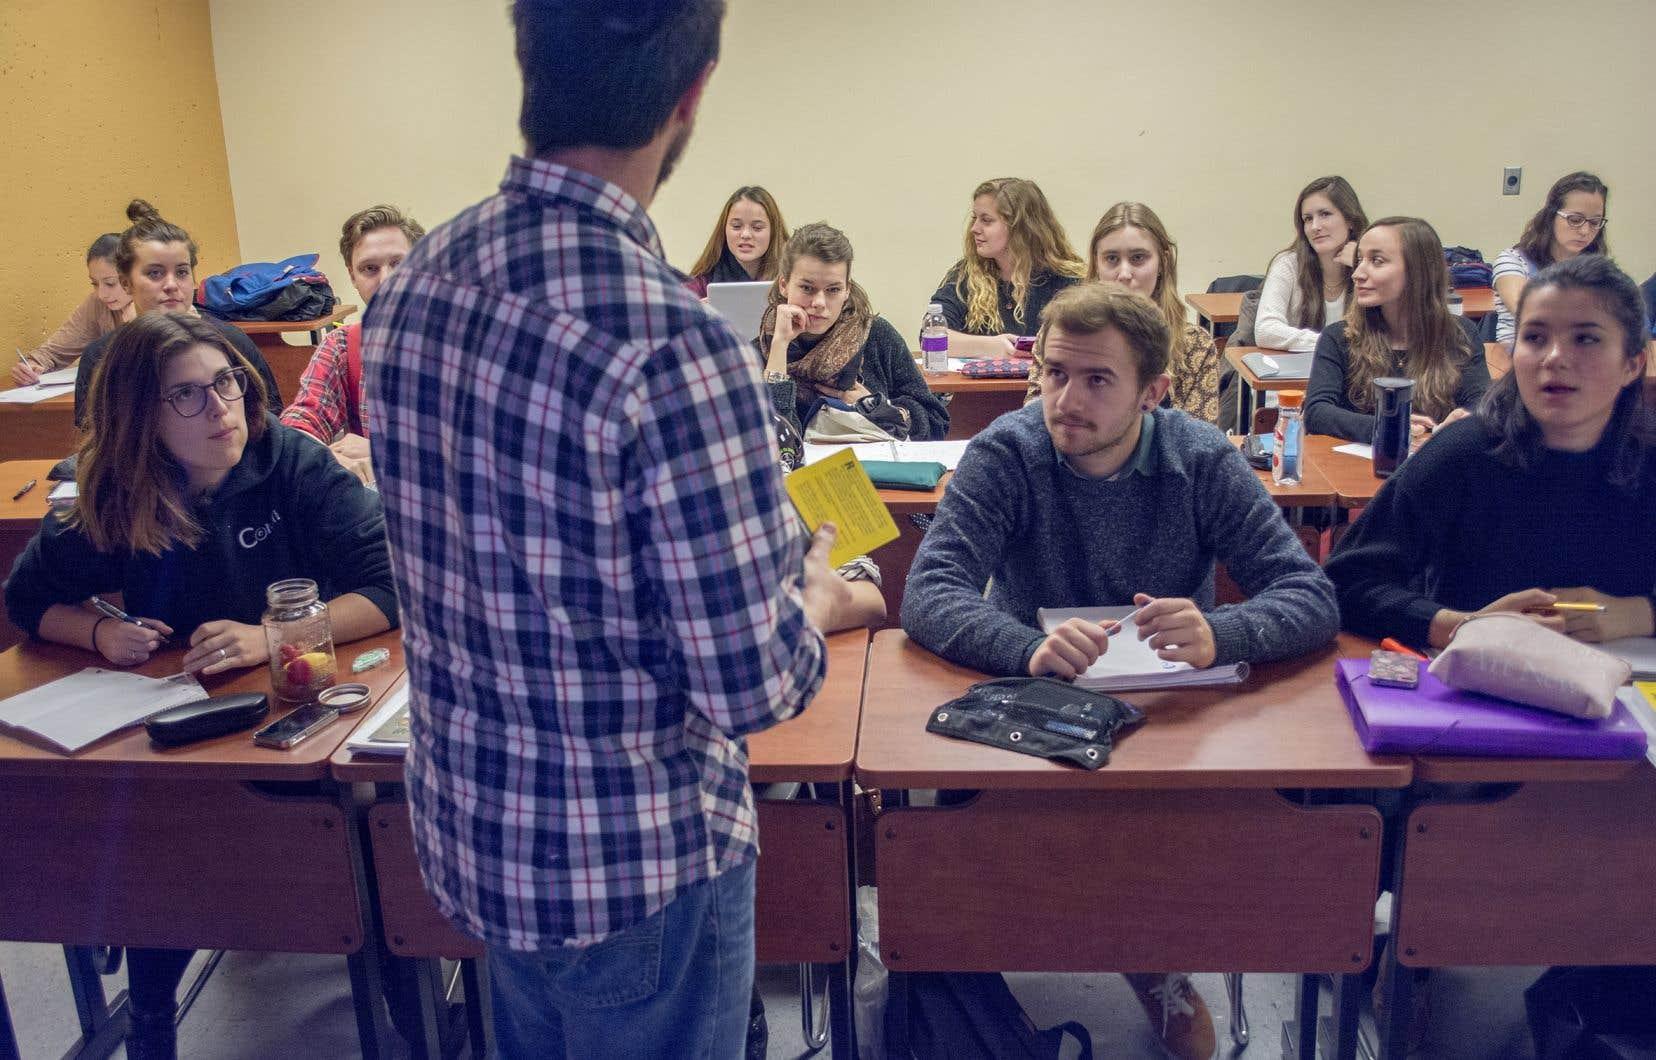 «Le jugement disciplinaire et pédagogique des professeurs demeure le meilleur guide pour penser ce que doit être une bonne formation générale.»